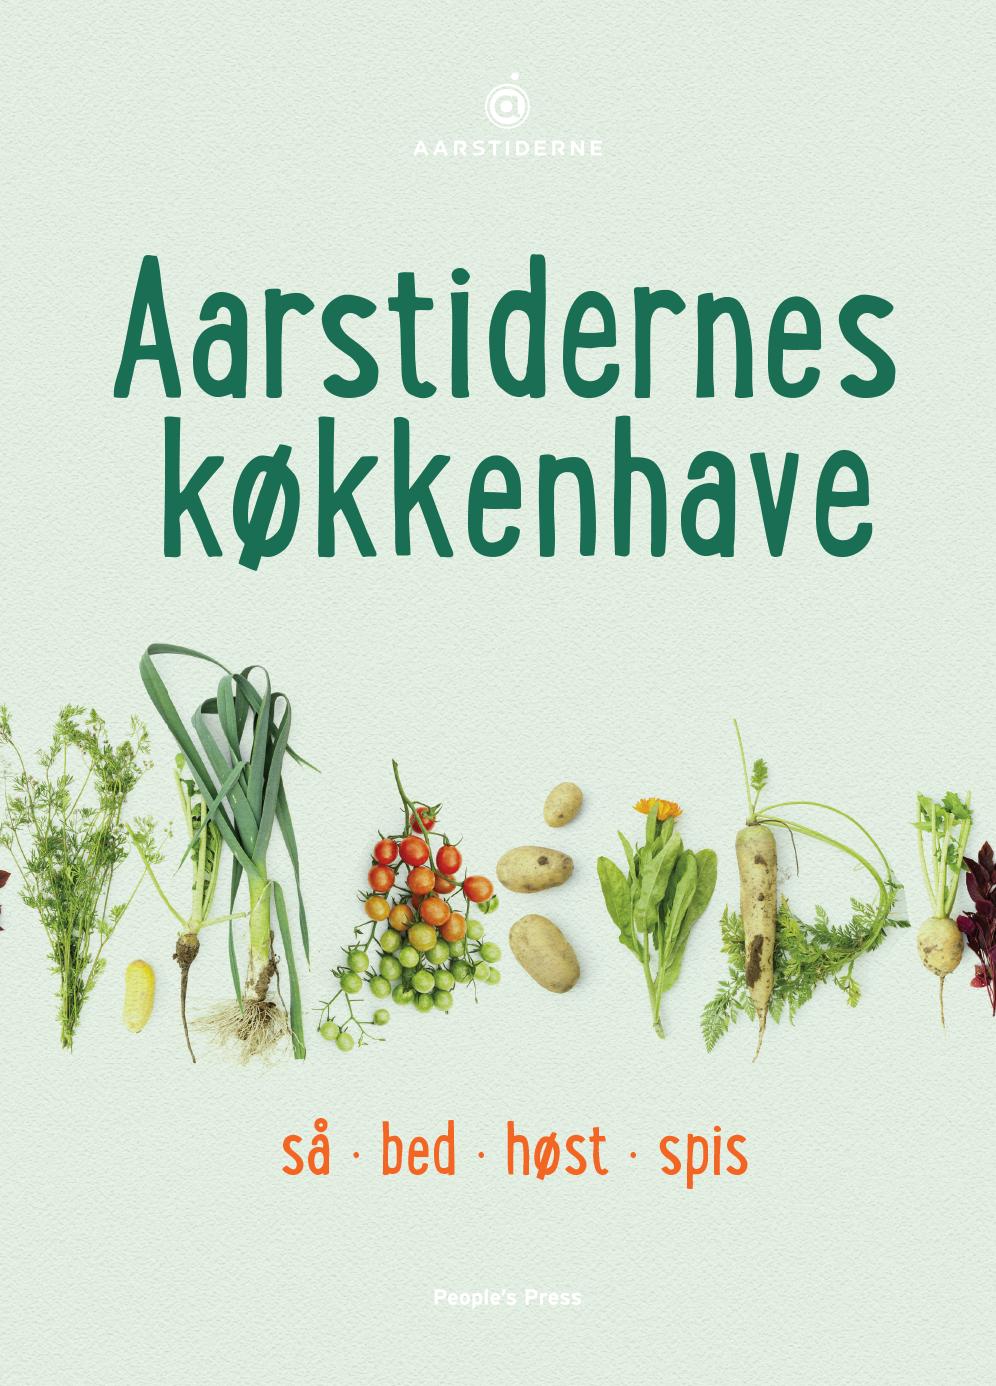 aarstiderne_forside.png